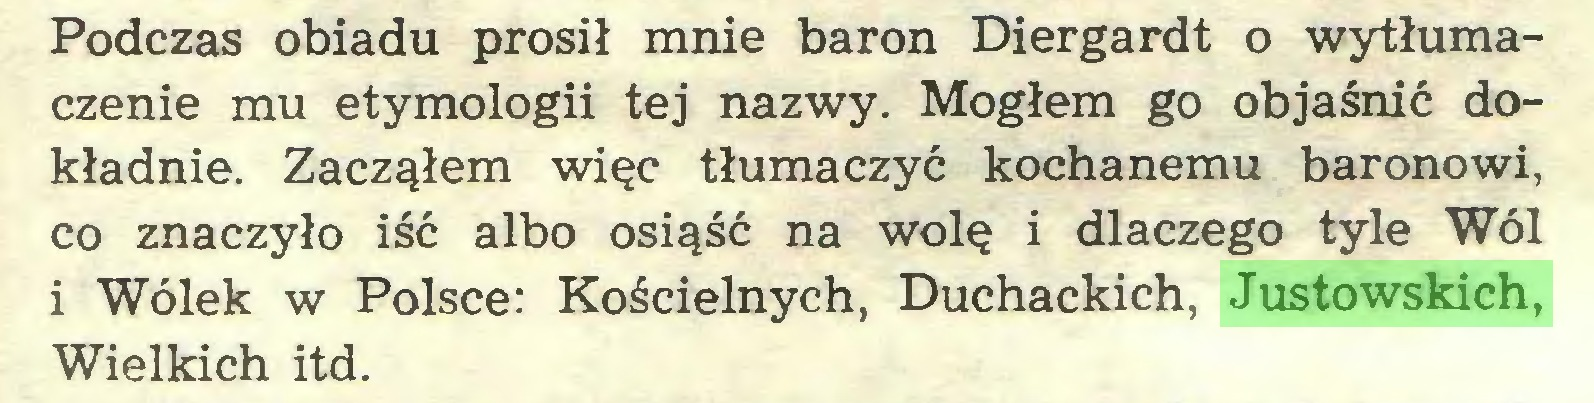 (...) Podczas obiadu prosił mnie baron Diergardt o wytłumaczenie mu etymologii tej nazwy. Mogłem go objaśnić dokładnie. Zacząłem więc tłumaczyć kochanemu baronowi, co znaczyło iść albo osiąść na wolę i dlaczego tyle Wól i Wólek w Polsce: Kościelnych, Duchackich, Justowskich, Wielkich itd...